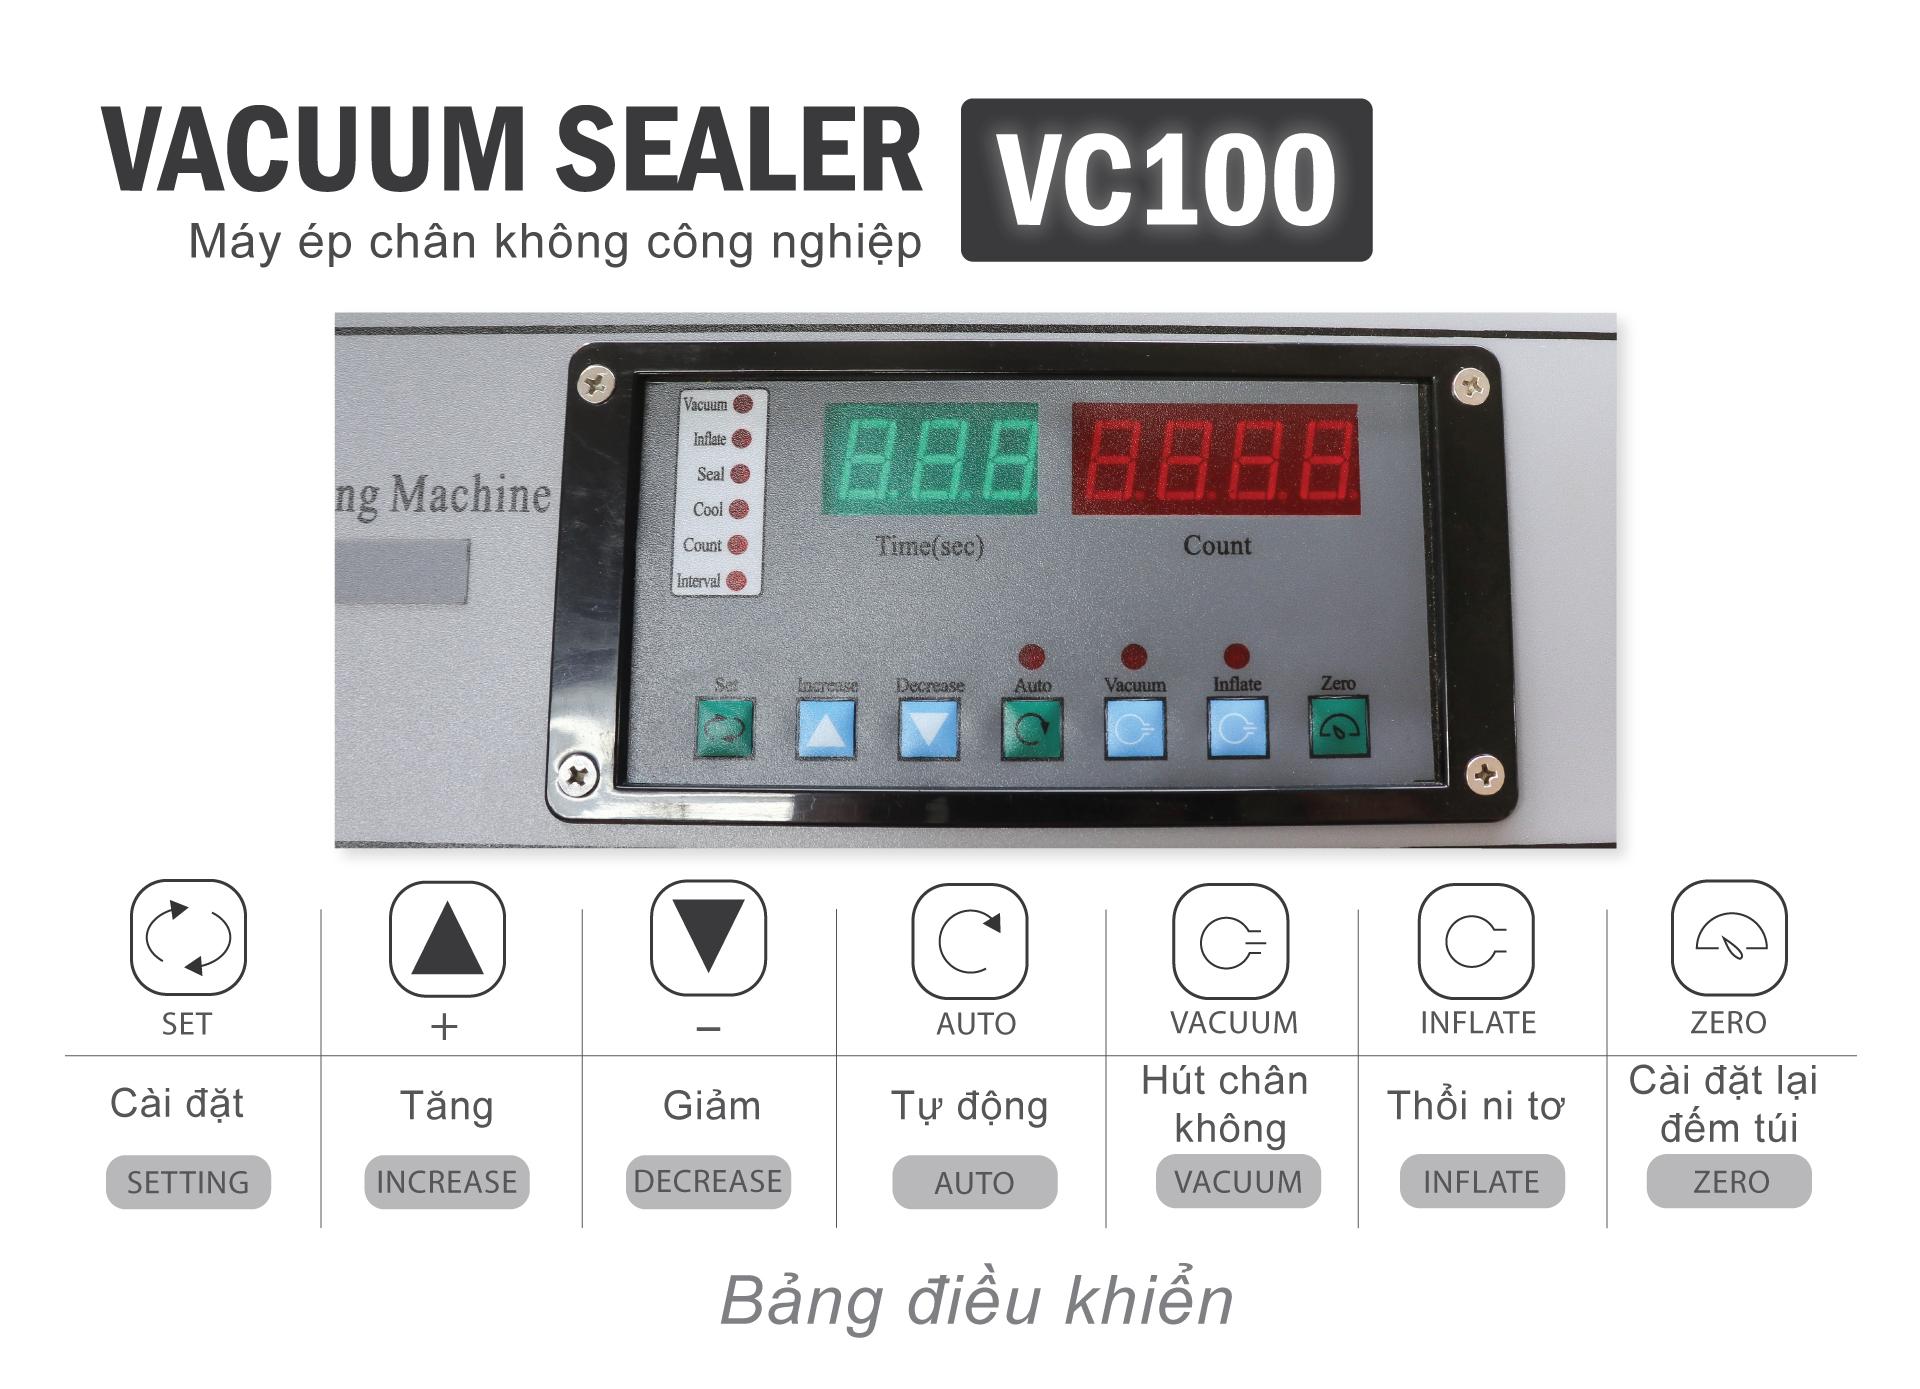 Máy-ép-chân-không-công-nghiệp-VC100---Bảng-điều-khiển